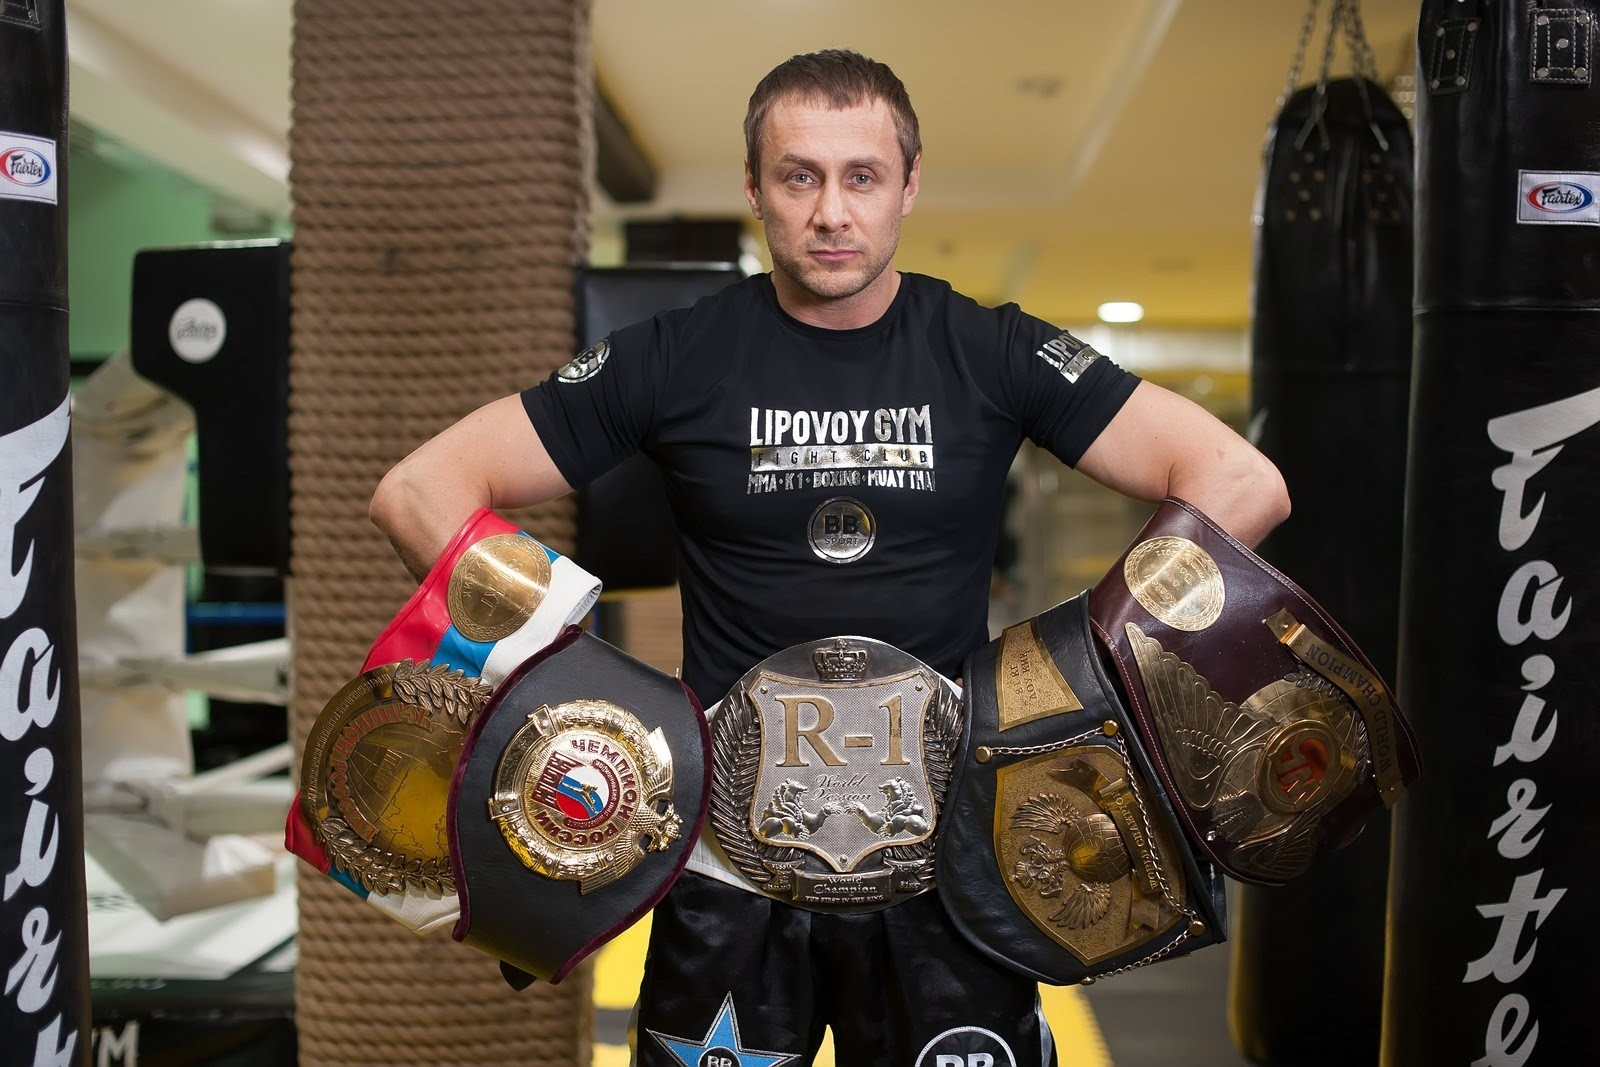 Чемпиону мира покикбоксингу Липовому пробили голову вМоскве